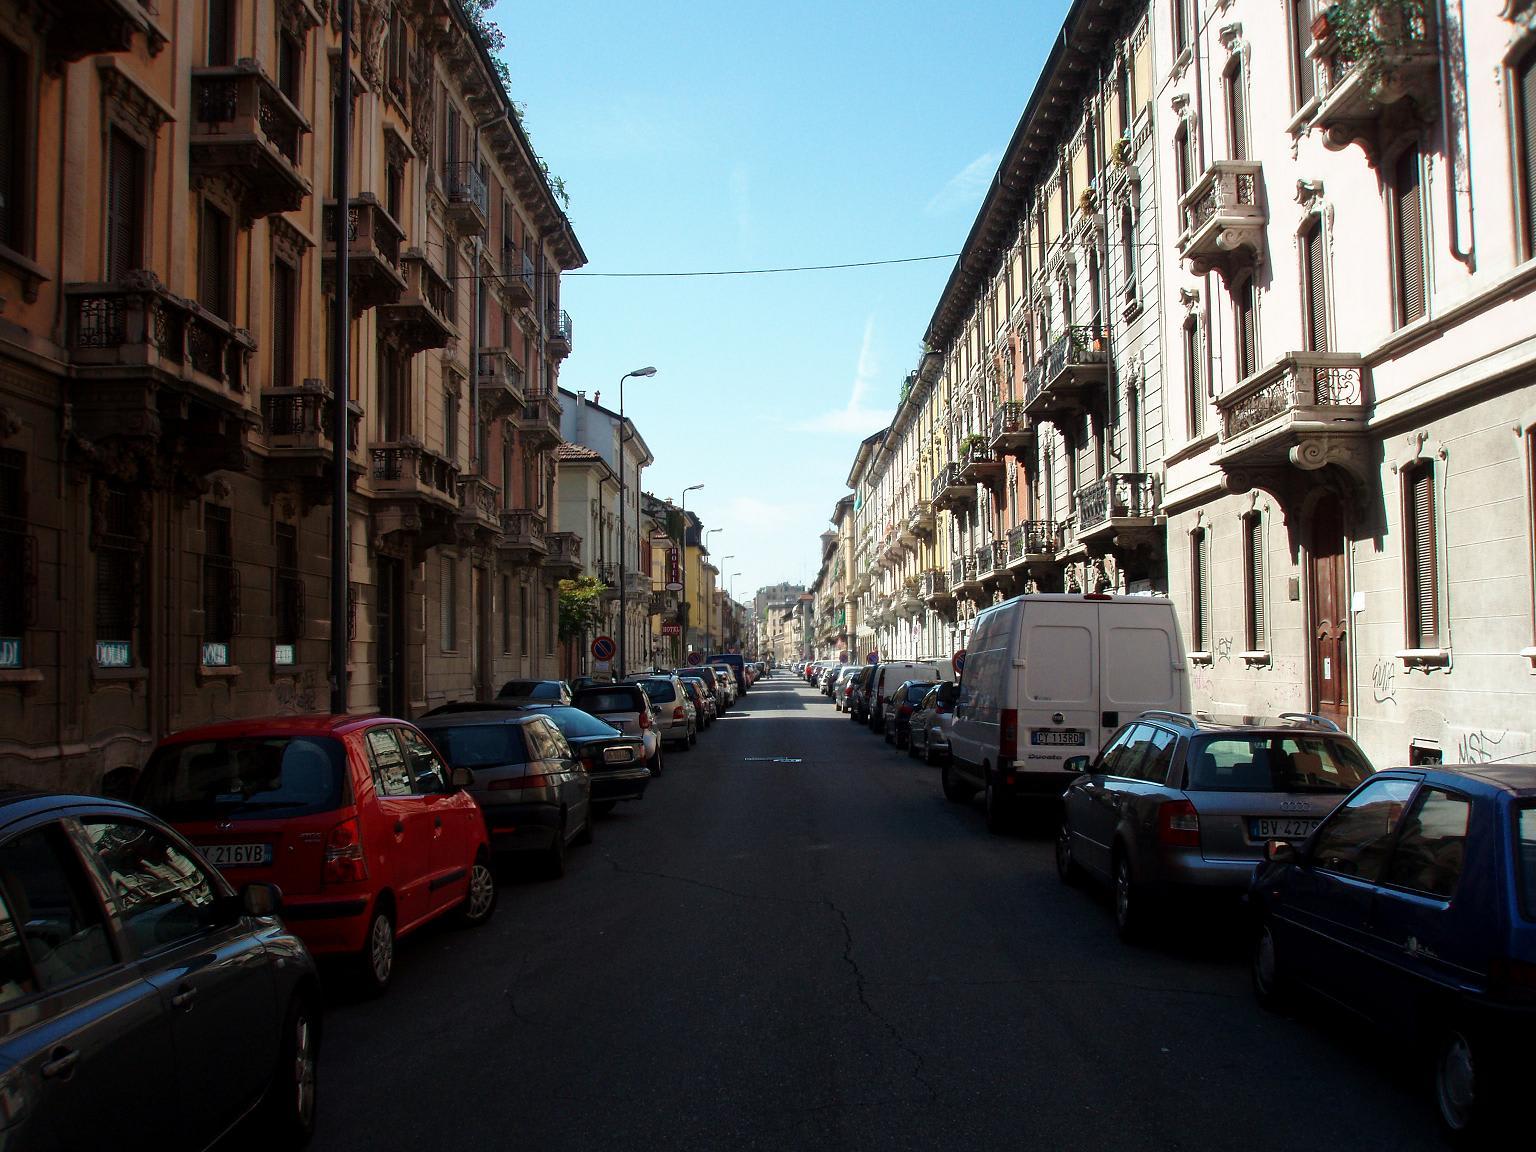 路駐がとても多い。しかも詰める詰める。運転技術が向上しそう。。またマック... 放浪(イタリア)